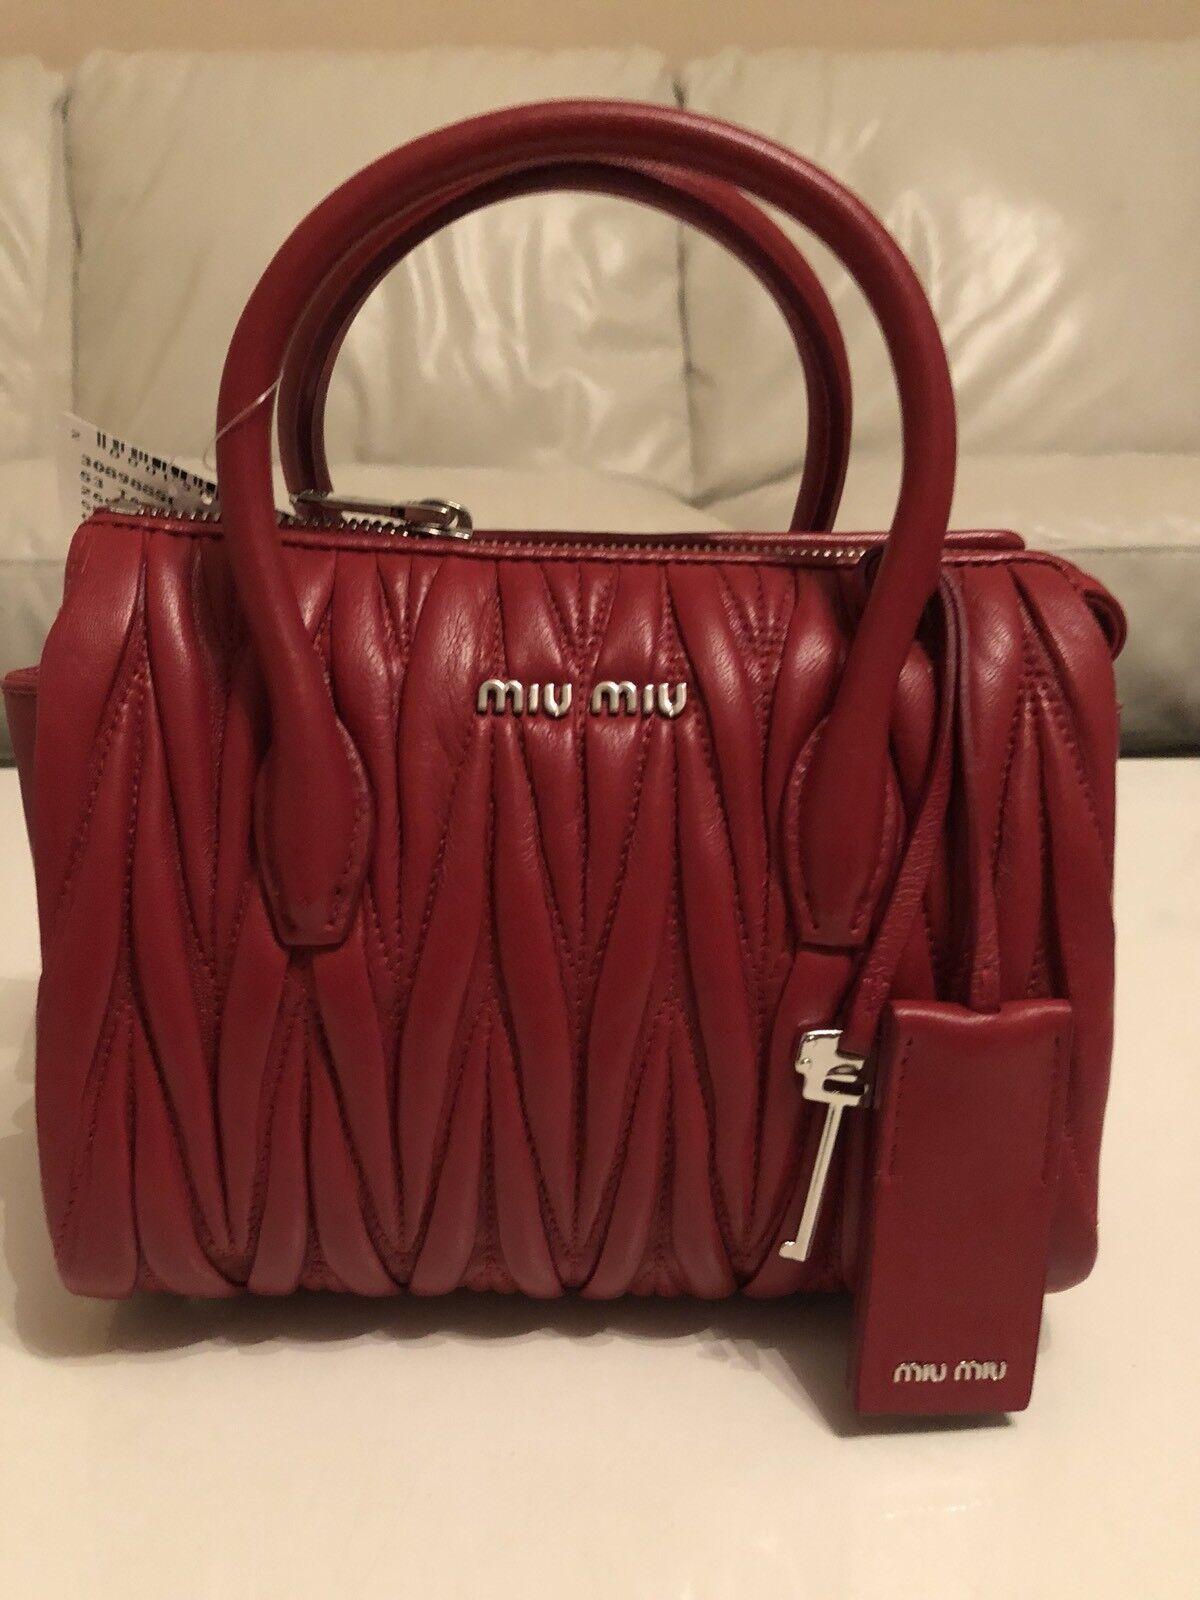 MIU MIU Umhängetasche Umhängetasche Umhängetasche Handtasche LP  1.499 EU rot NEU | Erlesene Materialien  | In hohem Grade geschätzt und weit vertrautes herein und heraus  | Kaufen Sie beruhigt und glücklich spielen  2081b8